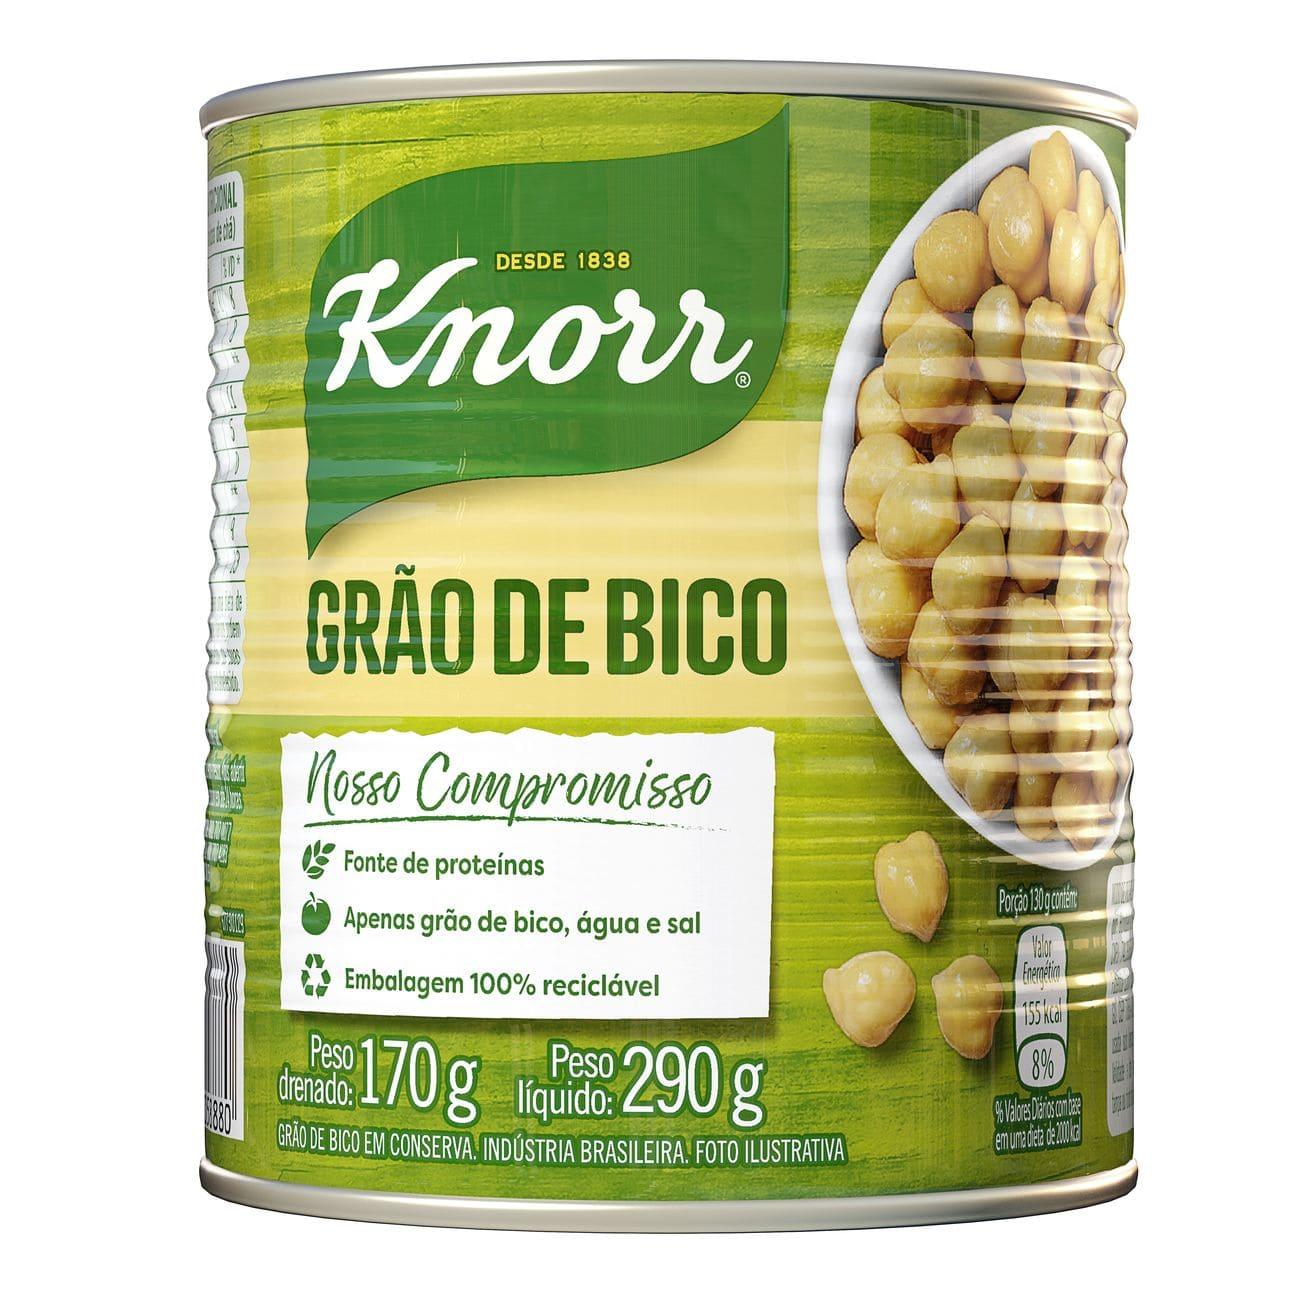 Grão de Bico em Conserva Knorr 170g